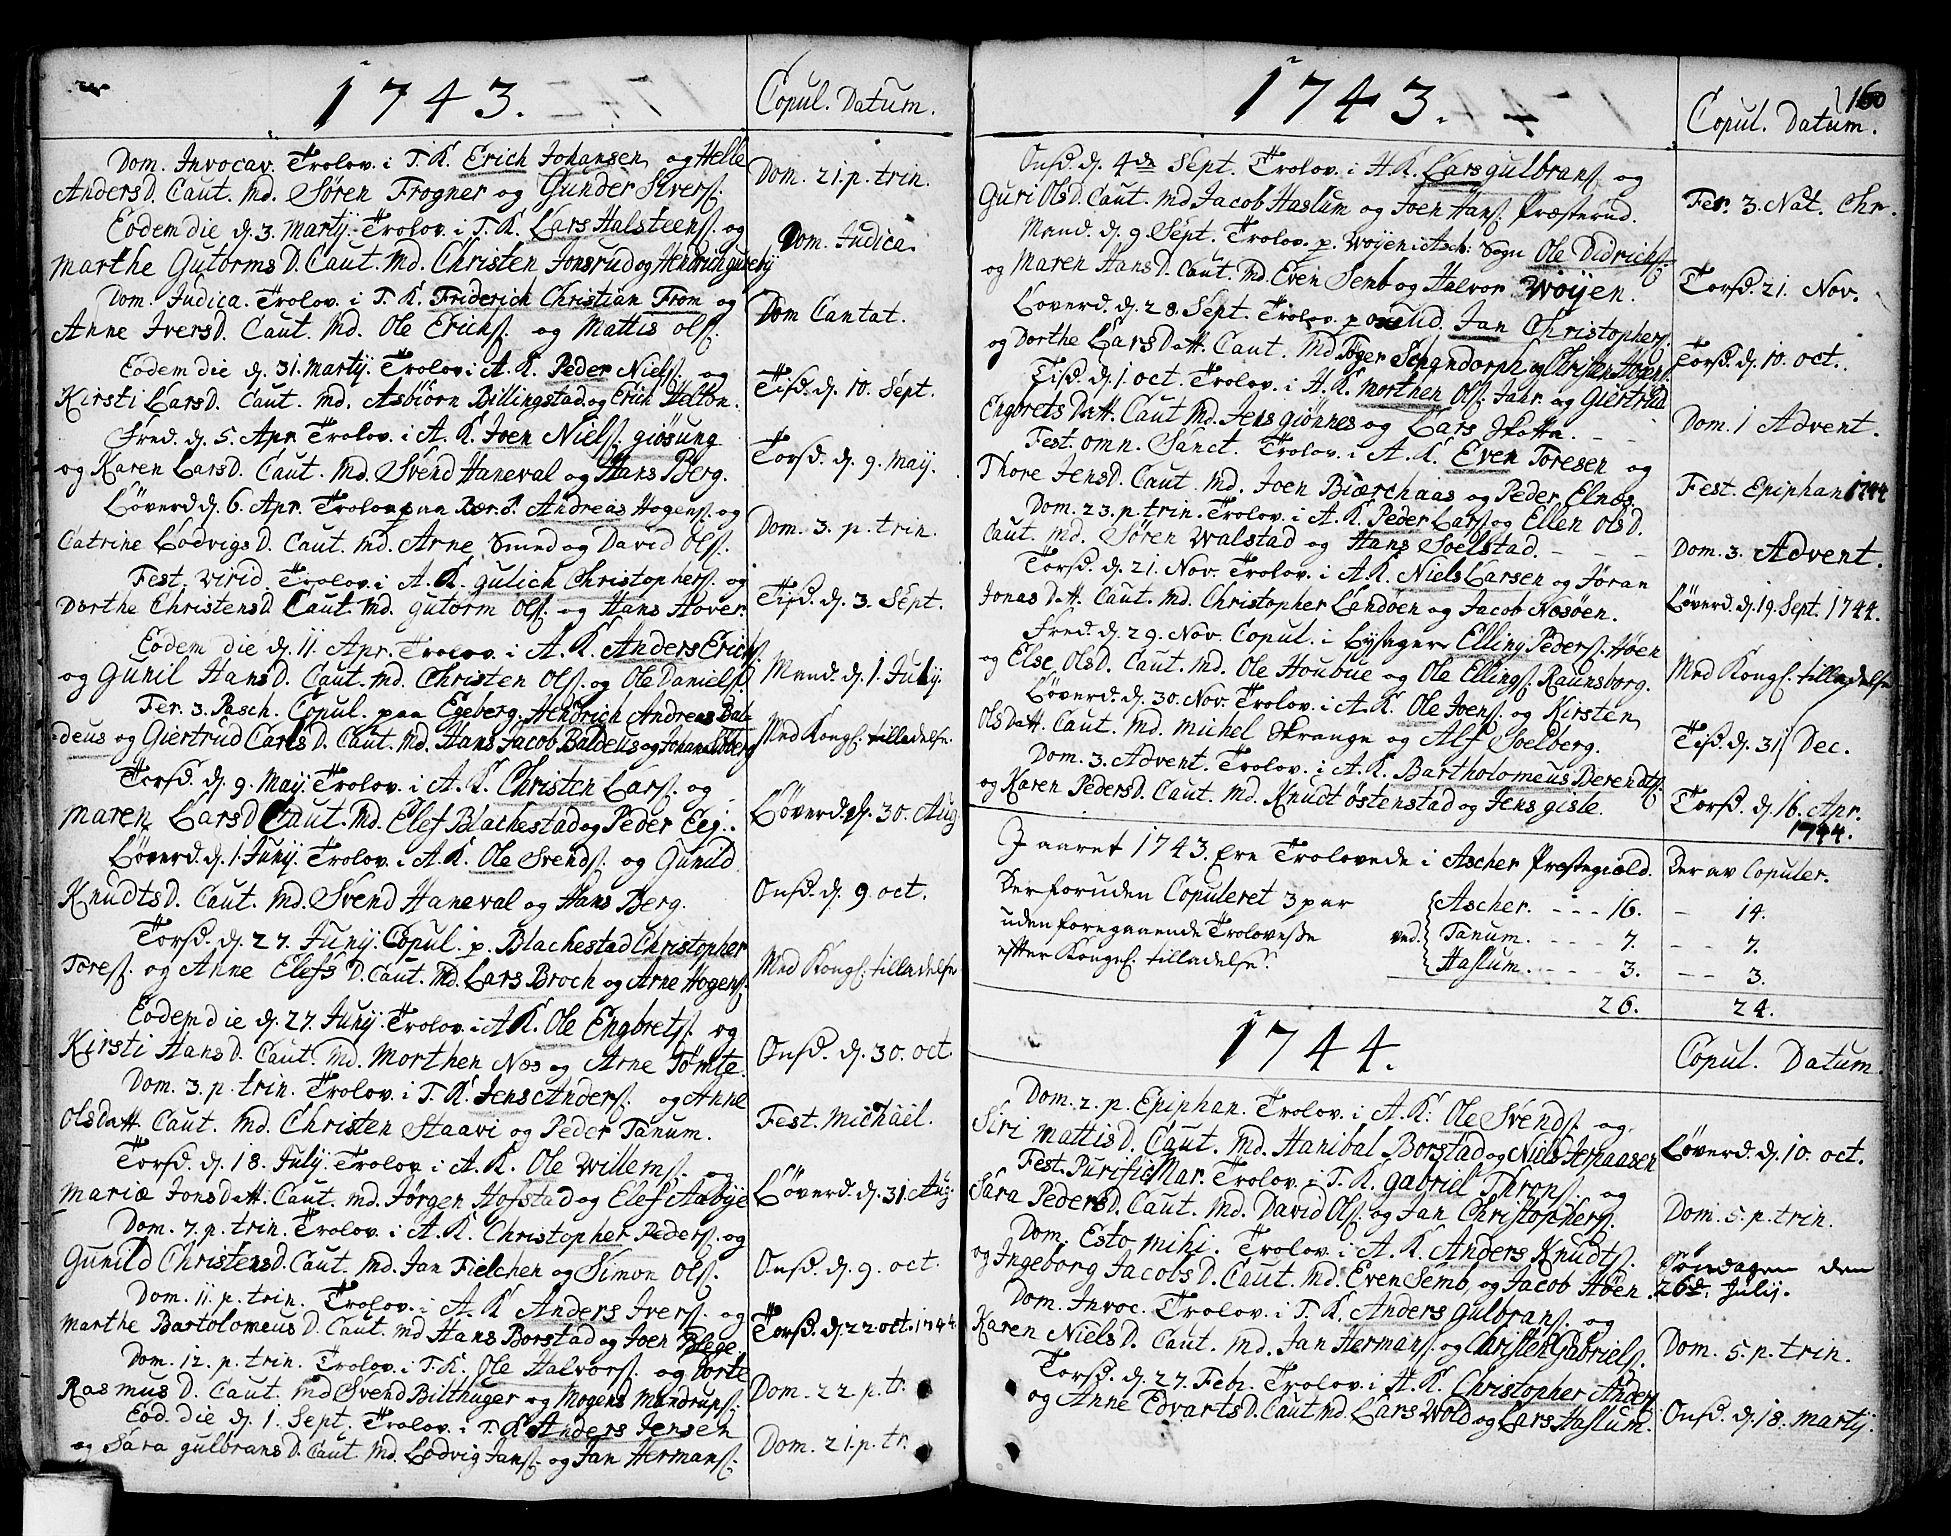 SAO, Asker prestekontor Kirkebøker, F/Fa/L0002: Ministerialbok nr. I 2, 1733-1766, s. 160